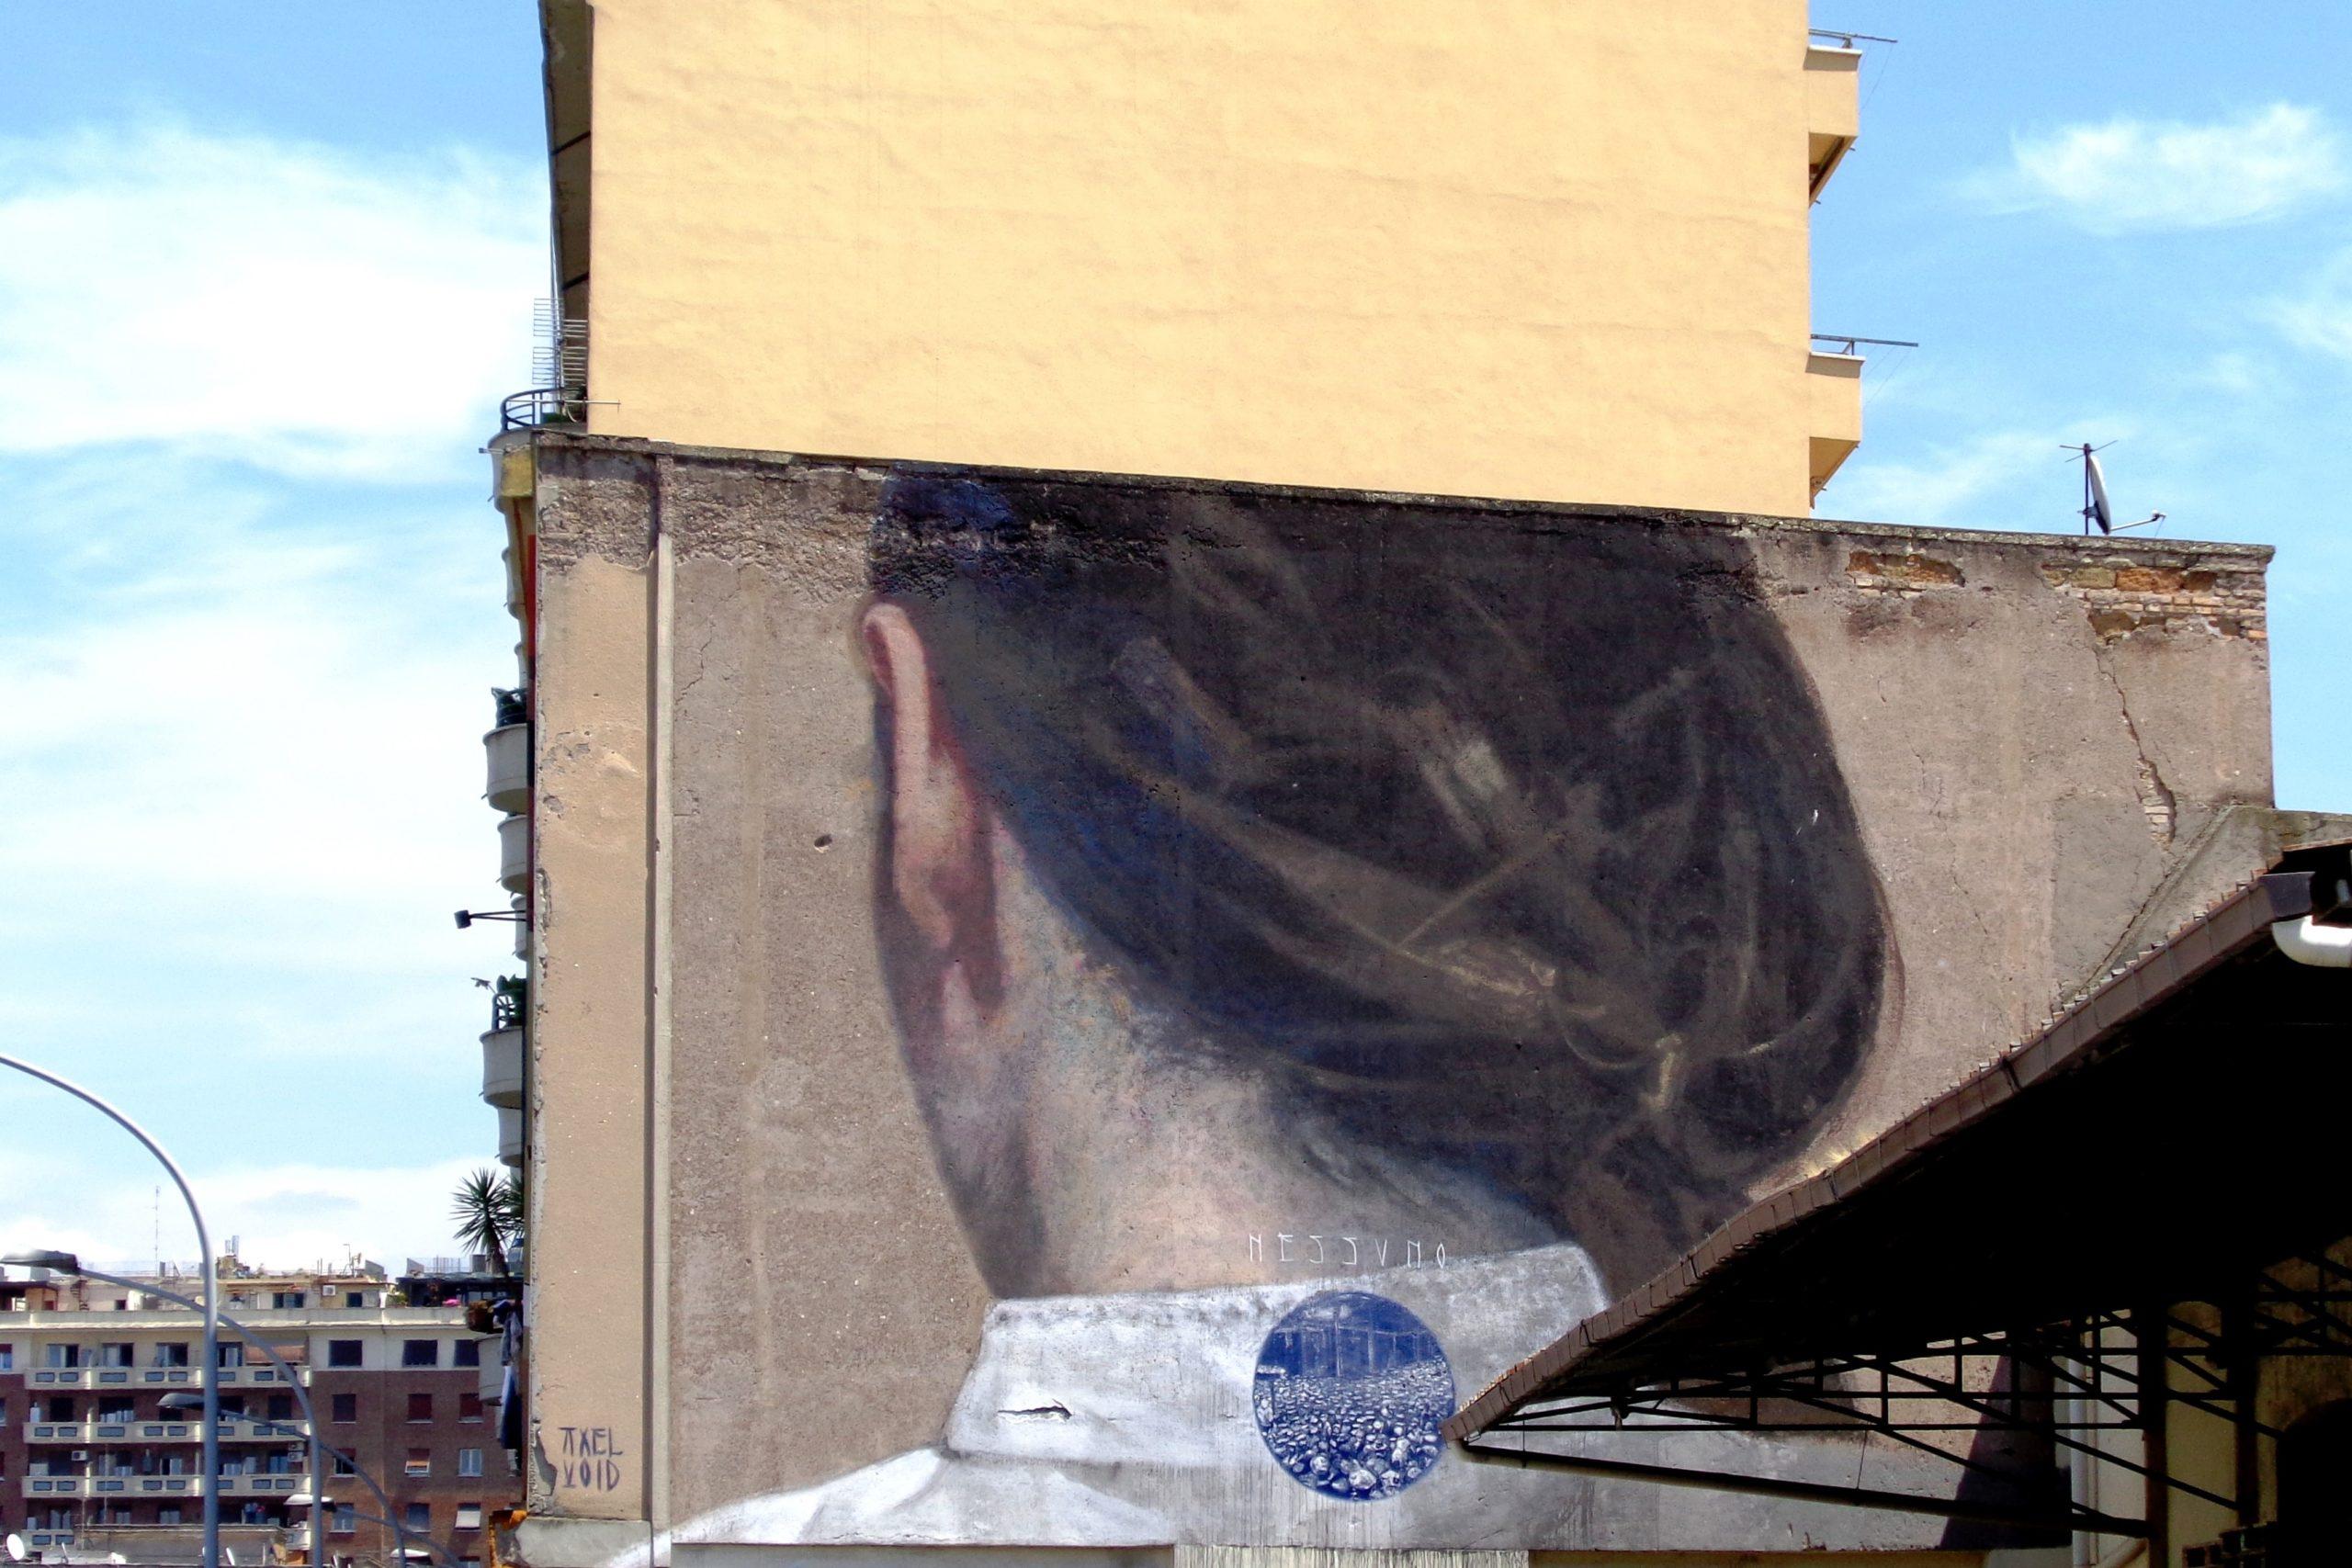 axel void murale ostiense roma